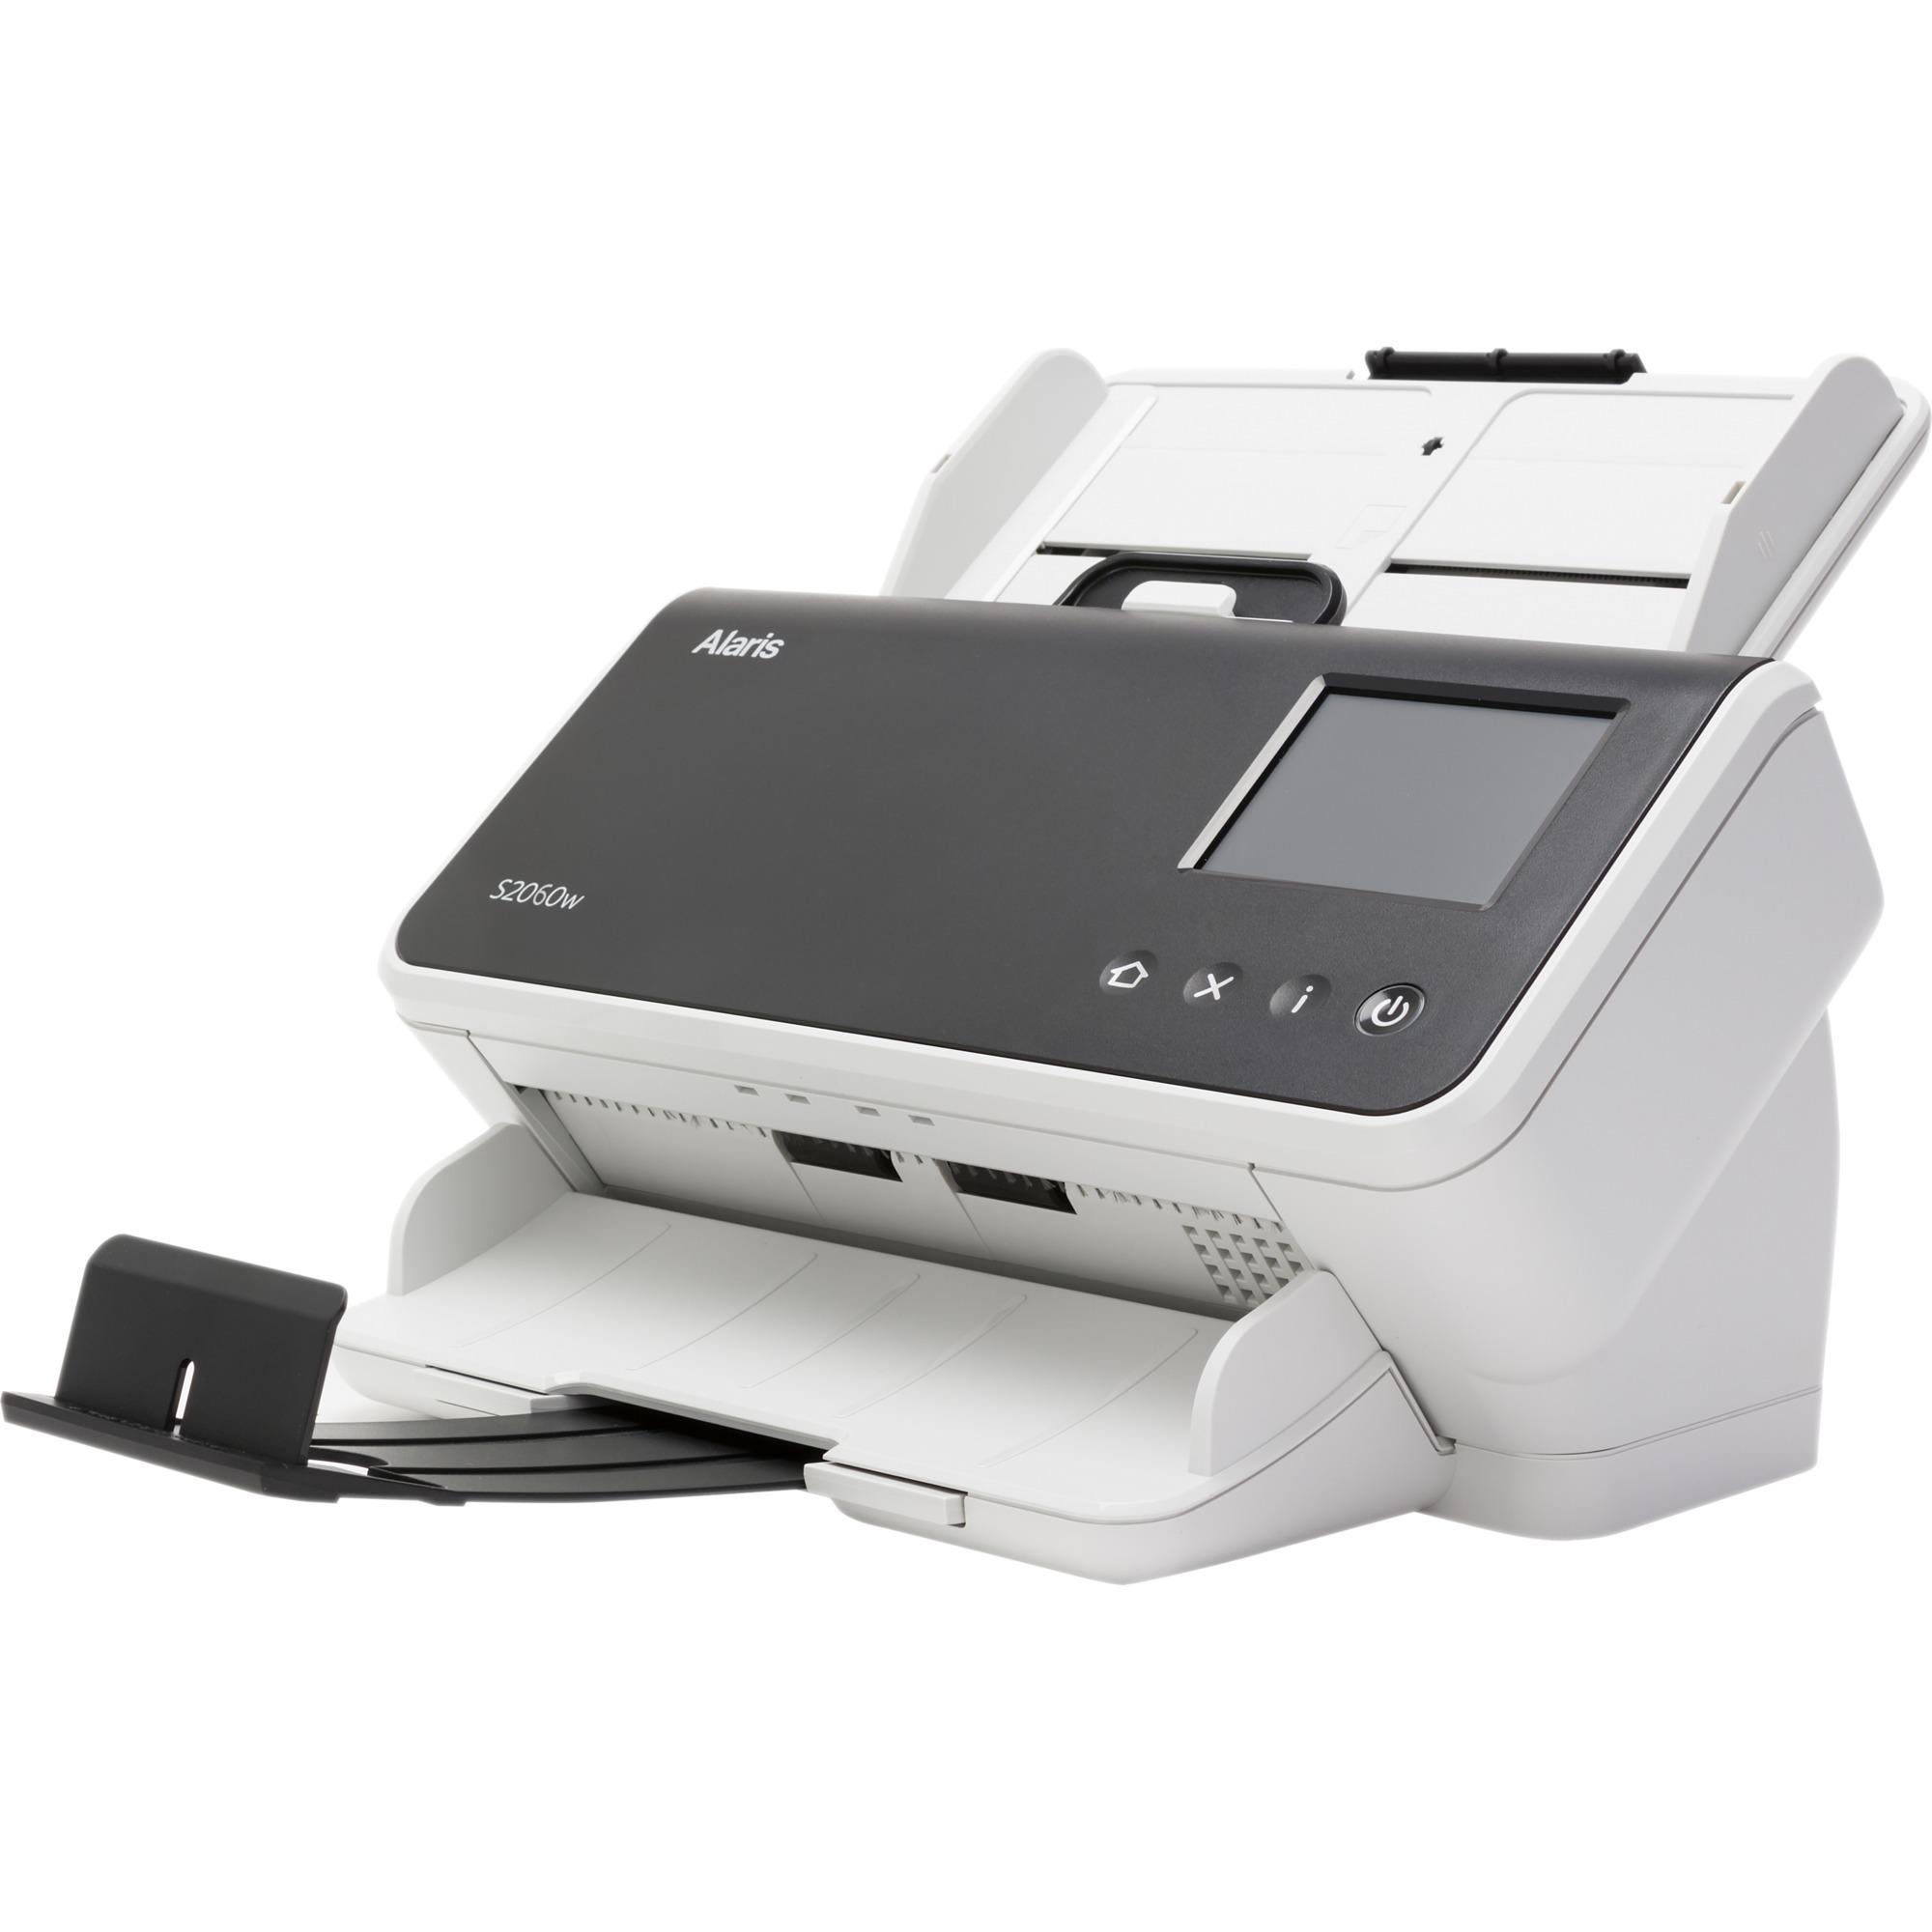 ALARIS S2060W Scanner 600 x 600 DPI Escáner con alimentador automático de documentos (ADF) Negro, Blanco A3